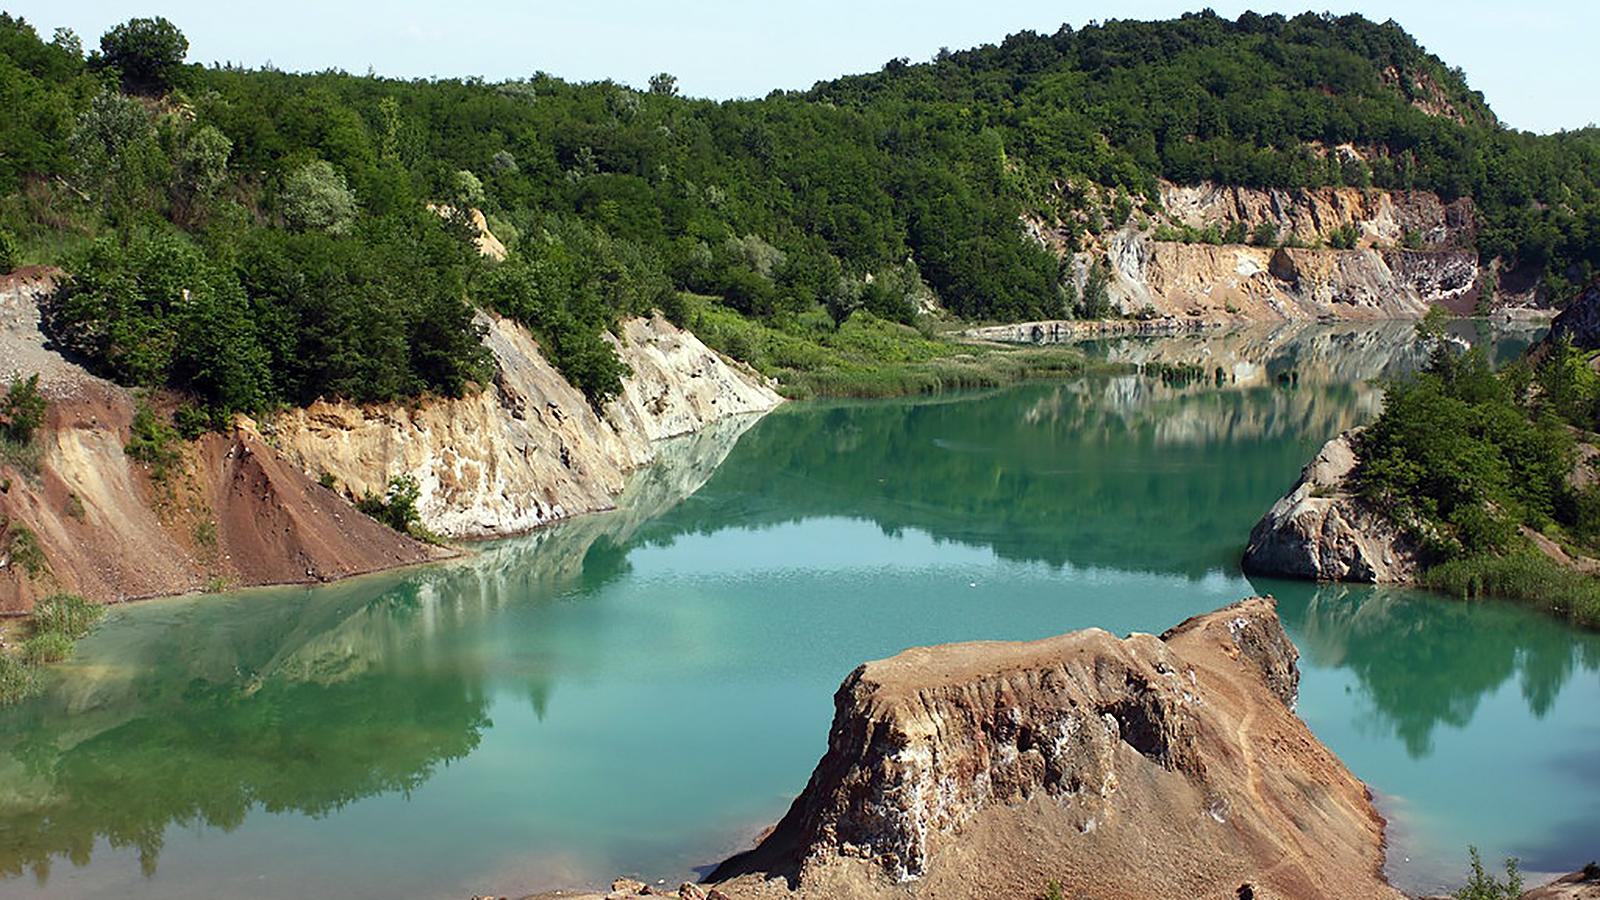 Rudabányai bányató - 5+1 helyszín, amit fel kell fedezned a fényképezőgépeddel! - NEXTFOTO